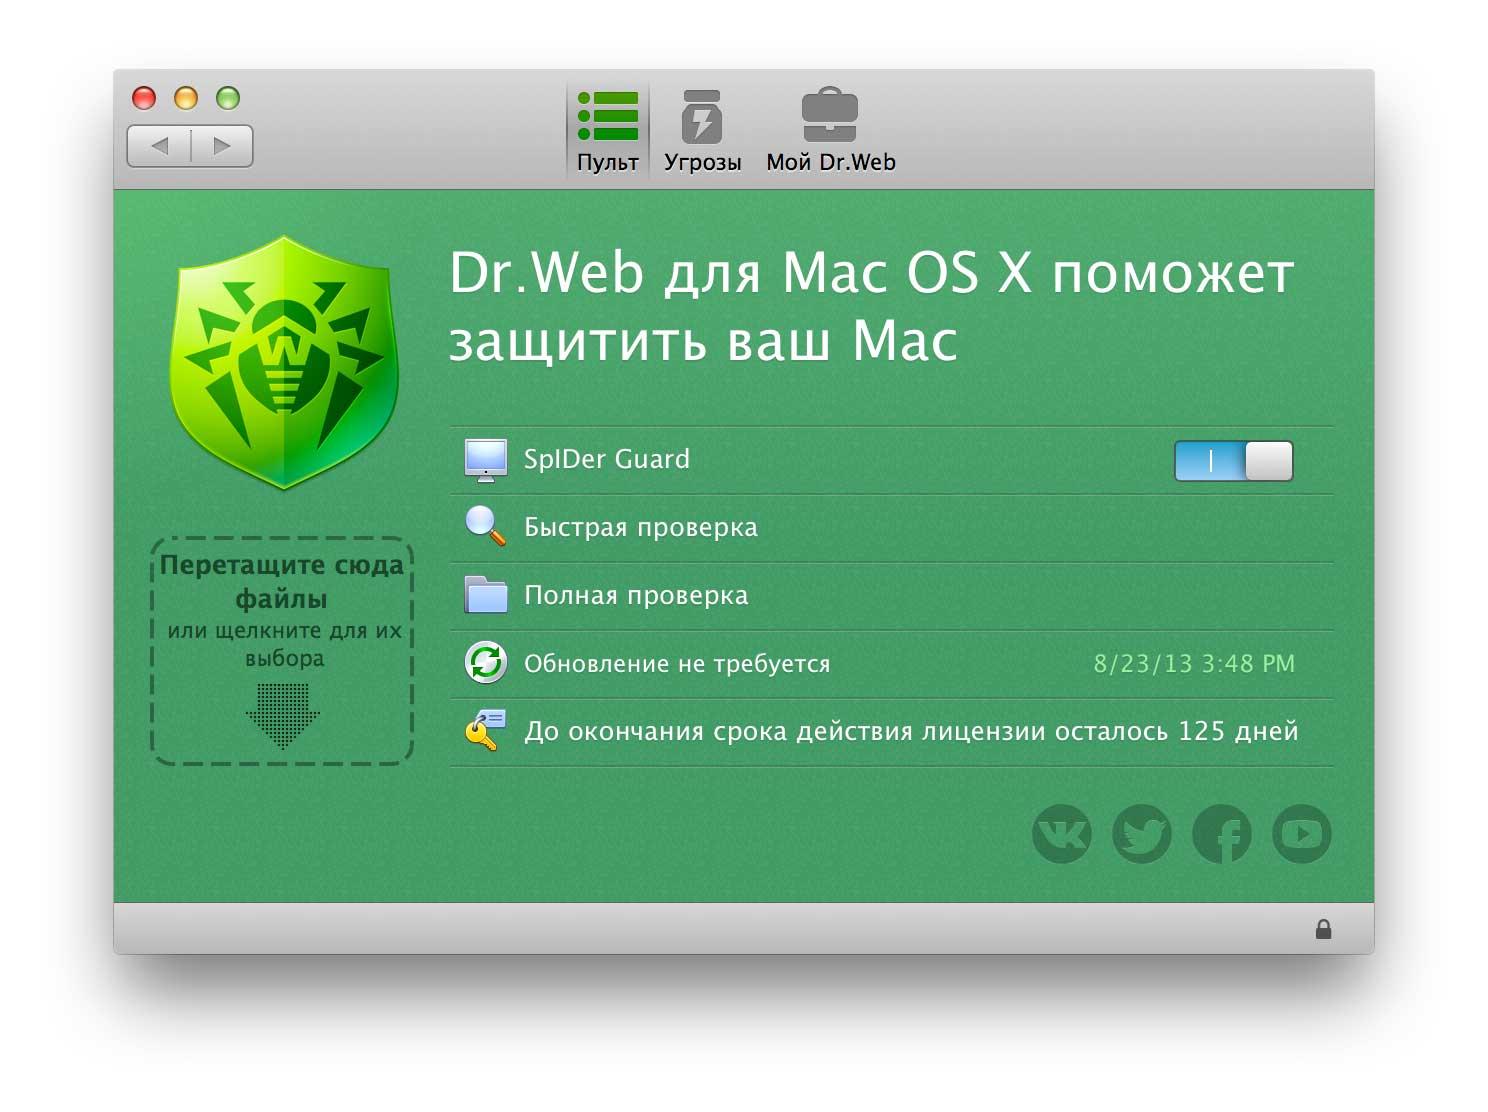 Скачать антивирус др веб бесплатно с официального сайта - 2fa